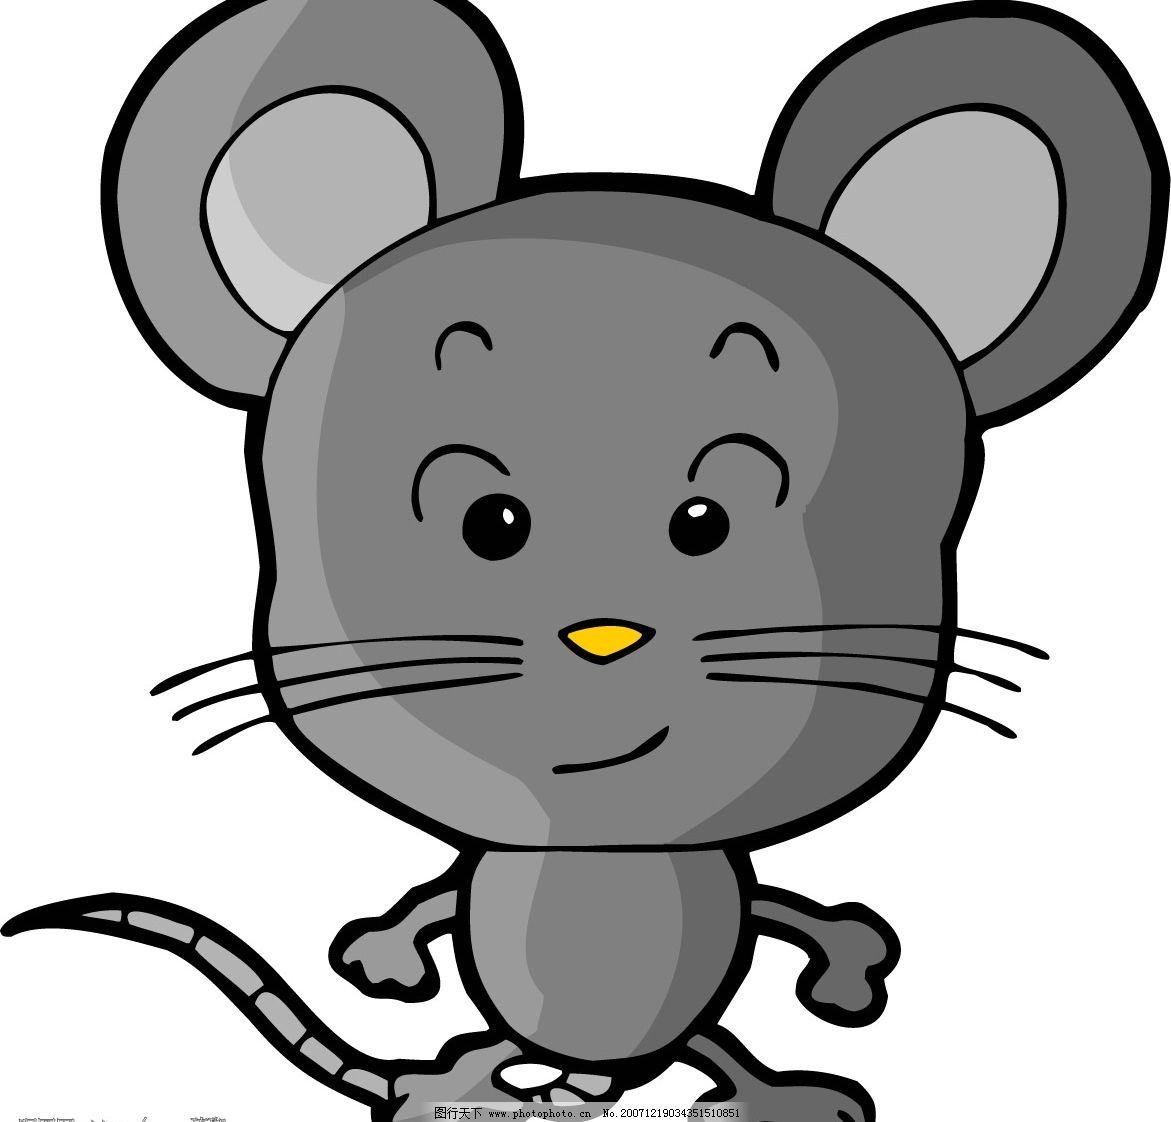 可爱老鼠扣扣头像萌萌哒哒